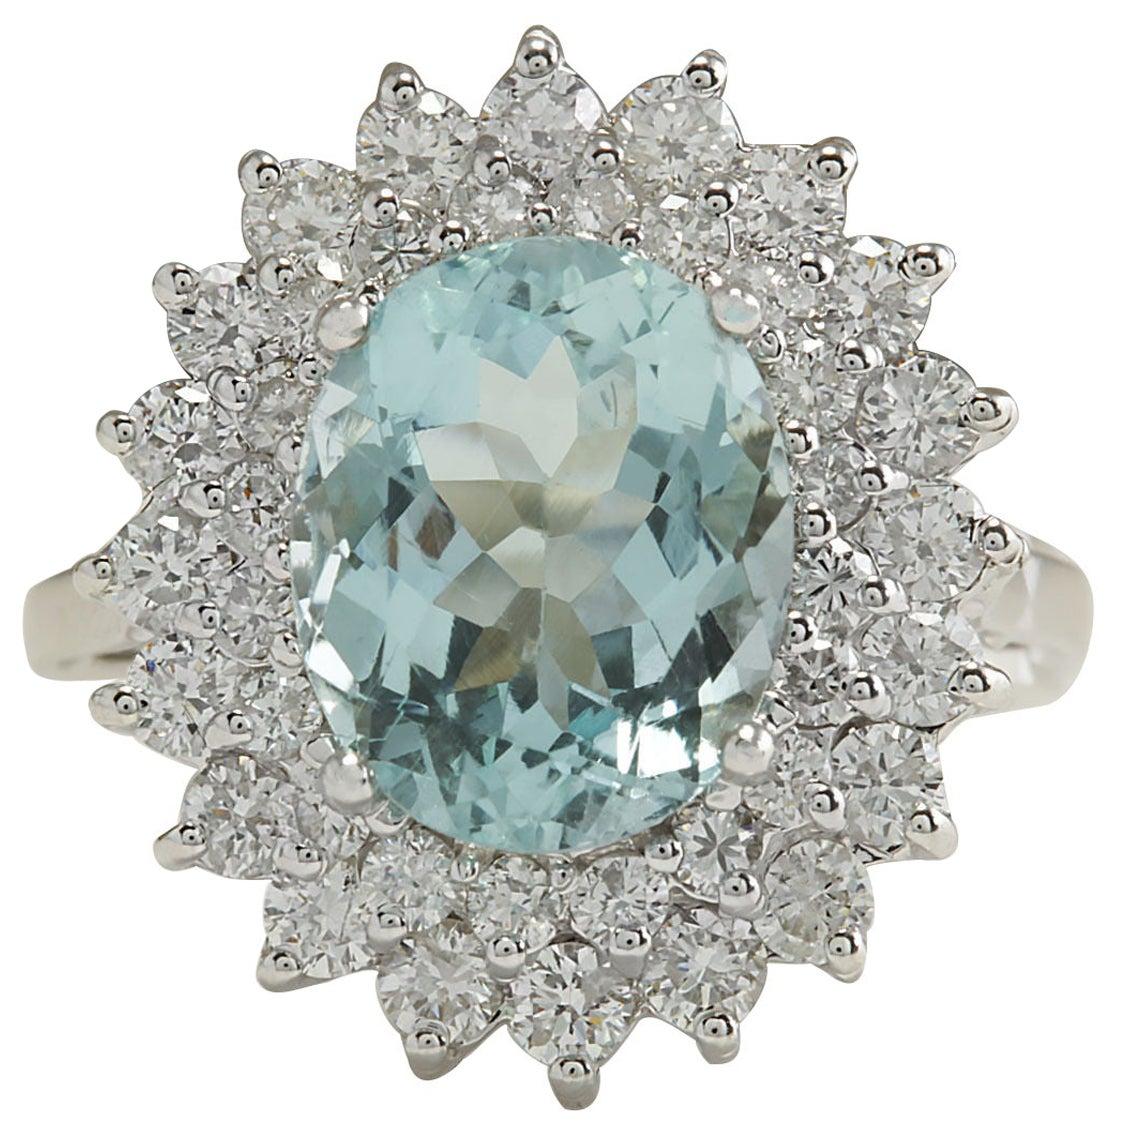 7.03 Carat Natural Aquamarine 18 Karat White Gold Diamond Ring